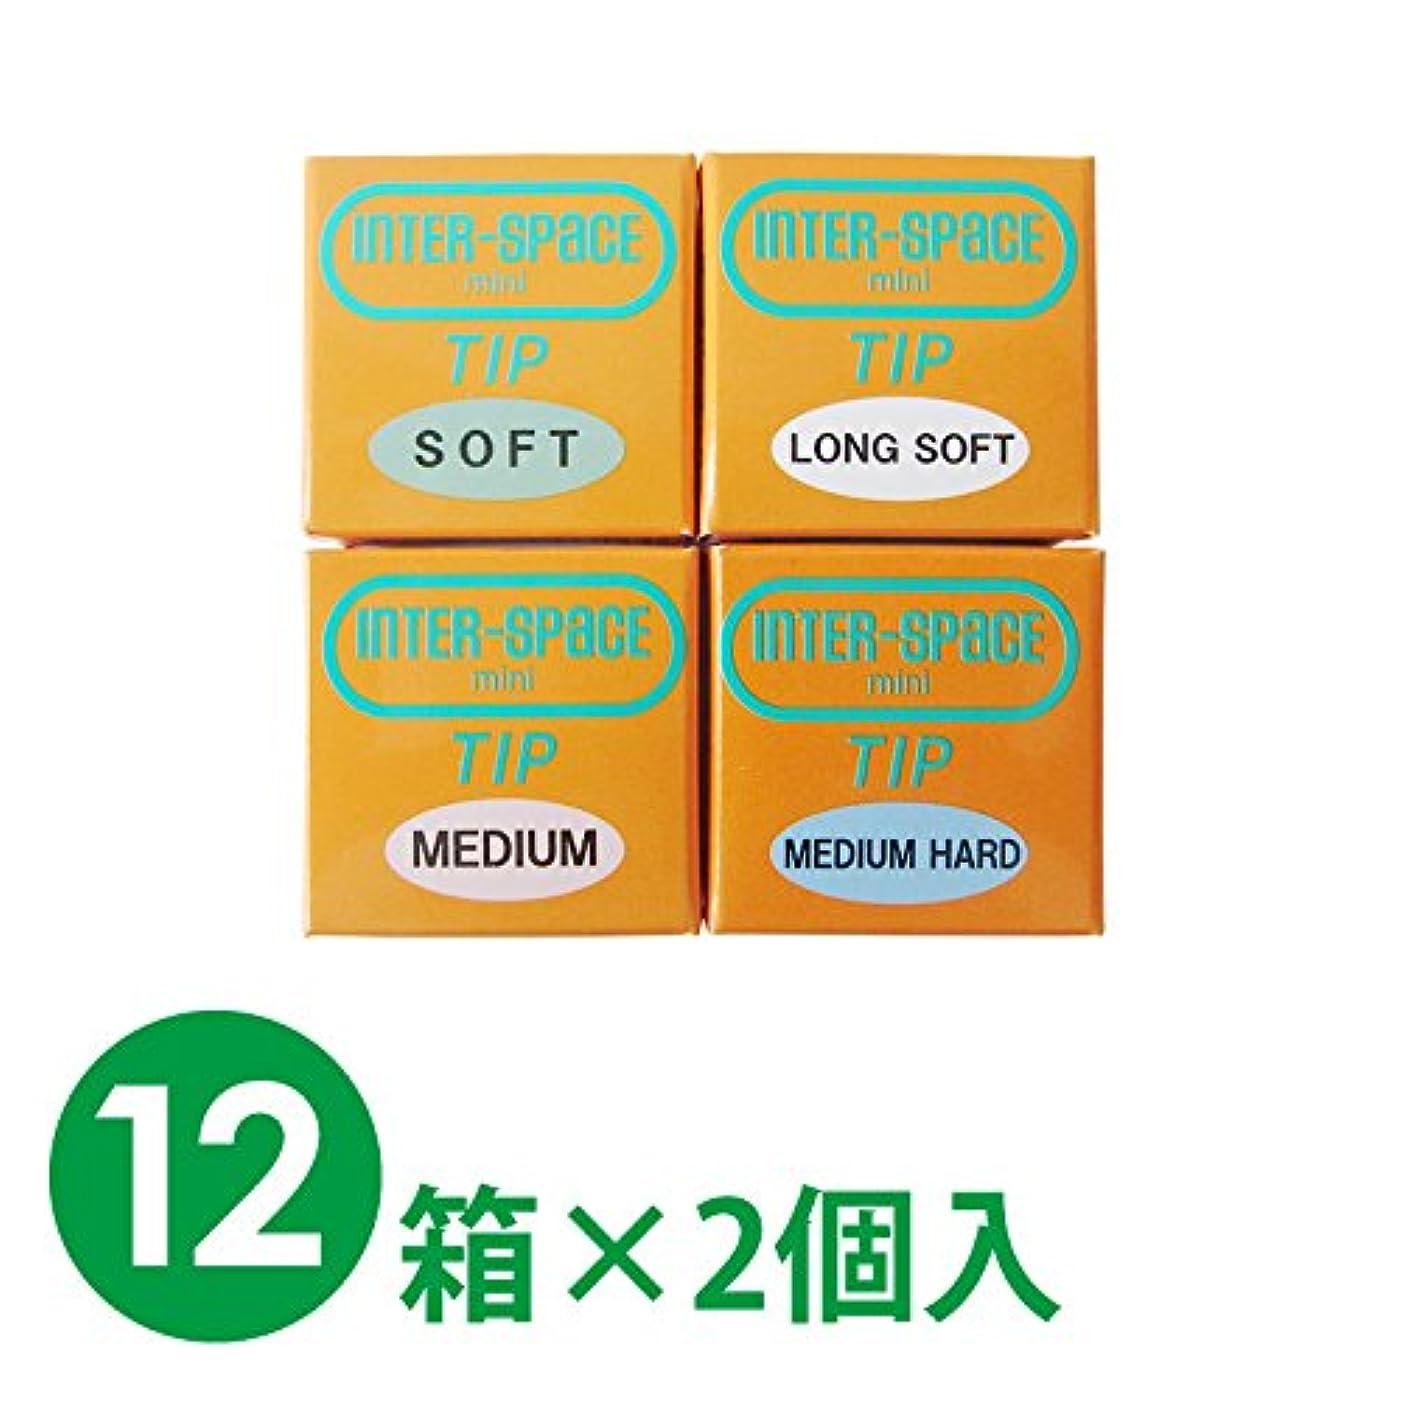 【12箱1セット】モリムラ インタースペース?ミニ 替えチップ 12箱×2個入 (M(ミディアム))